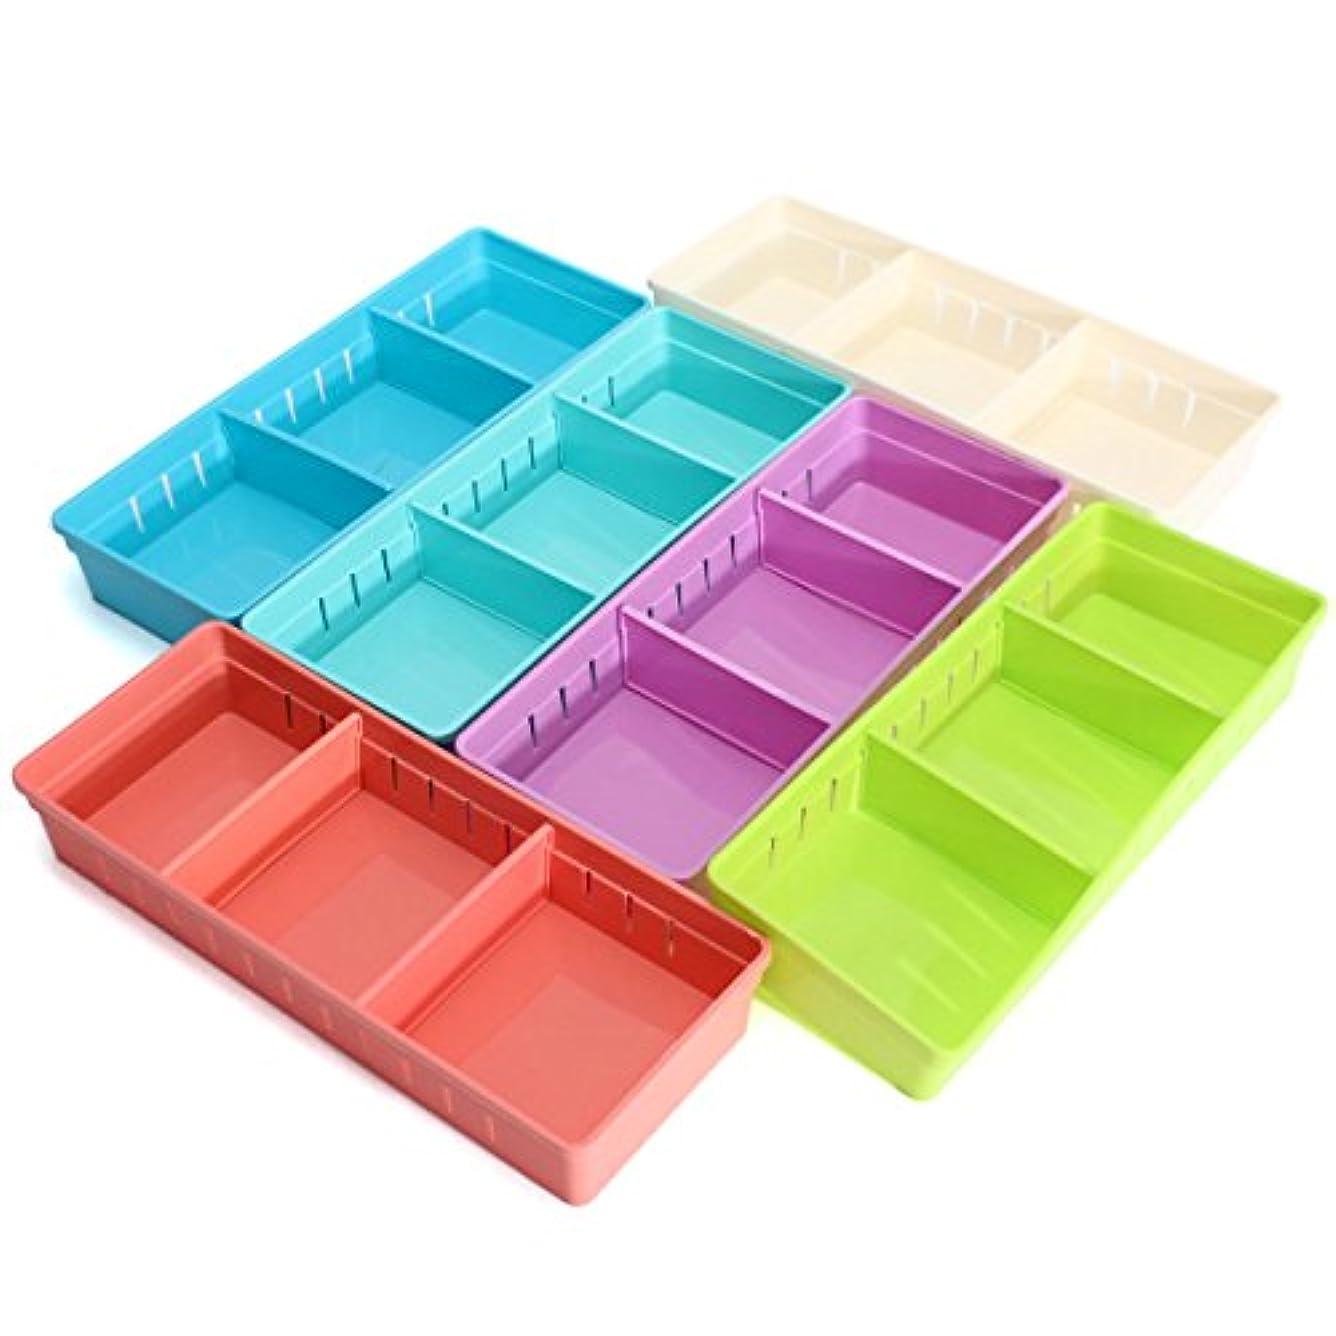 YZUEYT 調整可能なメイクアップ収納ボックス引き出しホームキッチンオフィスSupplie鉛筆ジュエリーオーガナイザー YZUEYT (Color : Color Yellow)